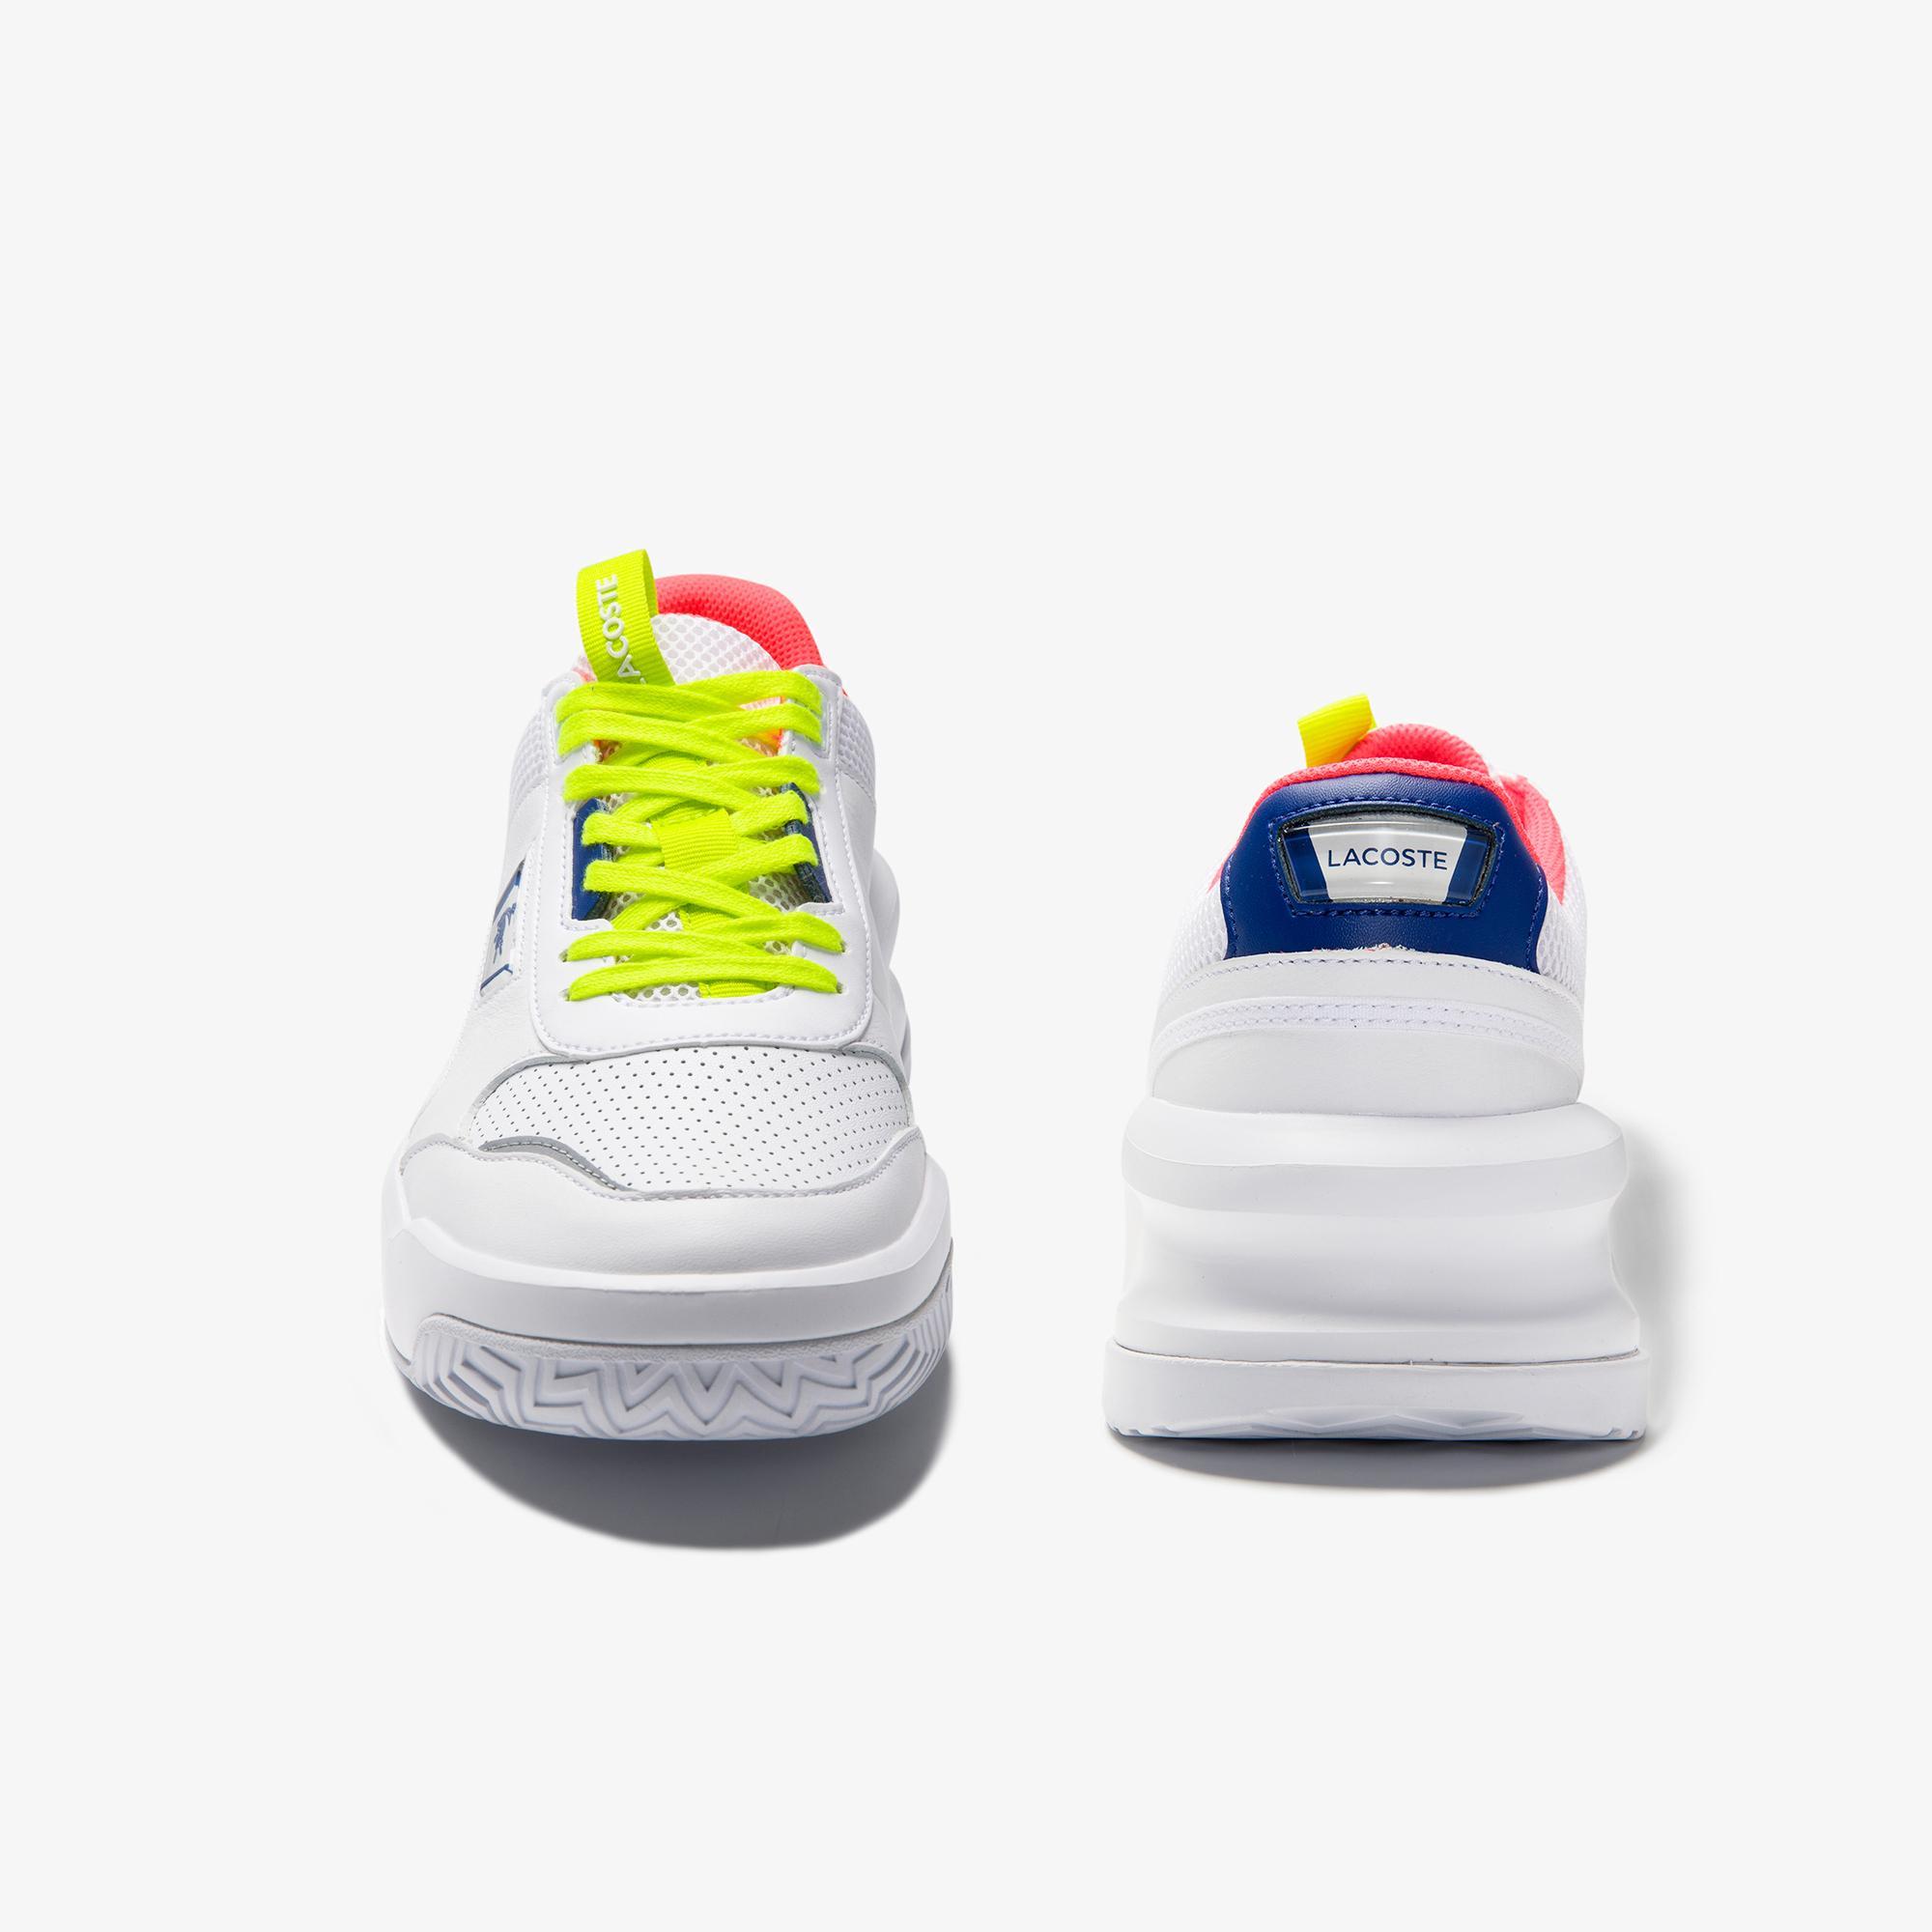 Lacoste Ace Lift 0120 1 Sfa Kadın Deri Beyaz - Koyu Mavi Sneaker